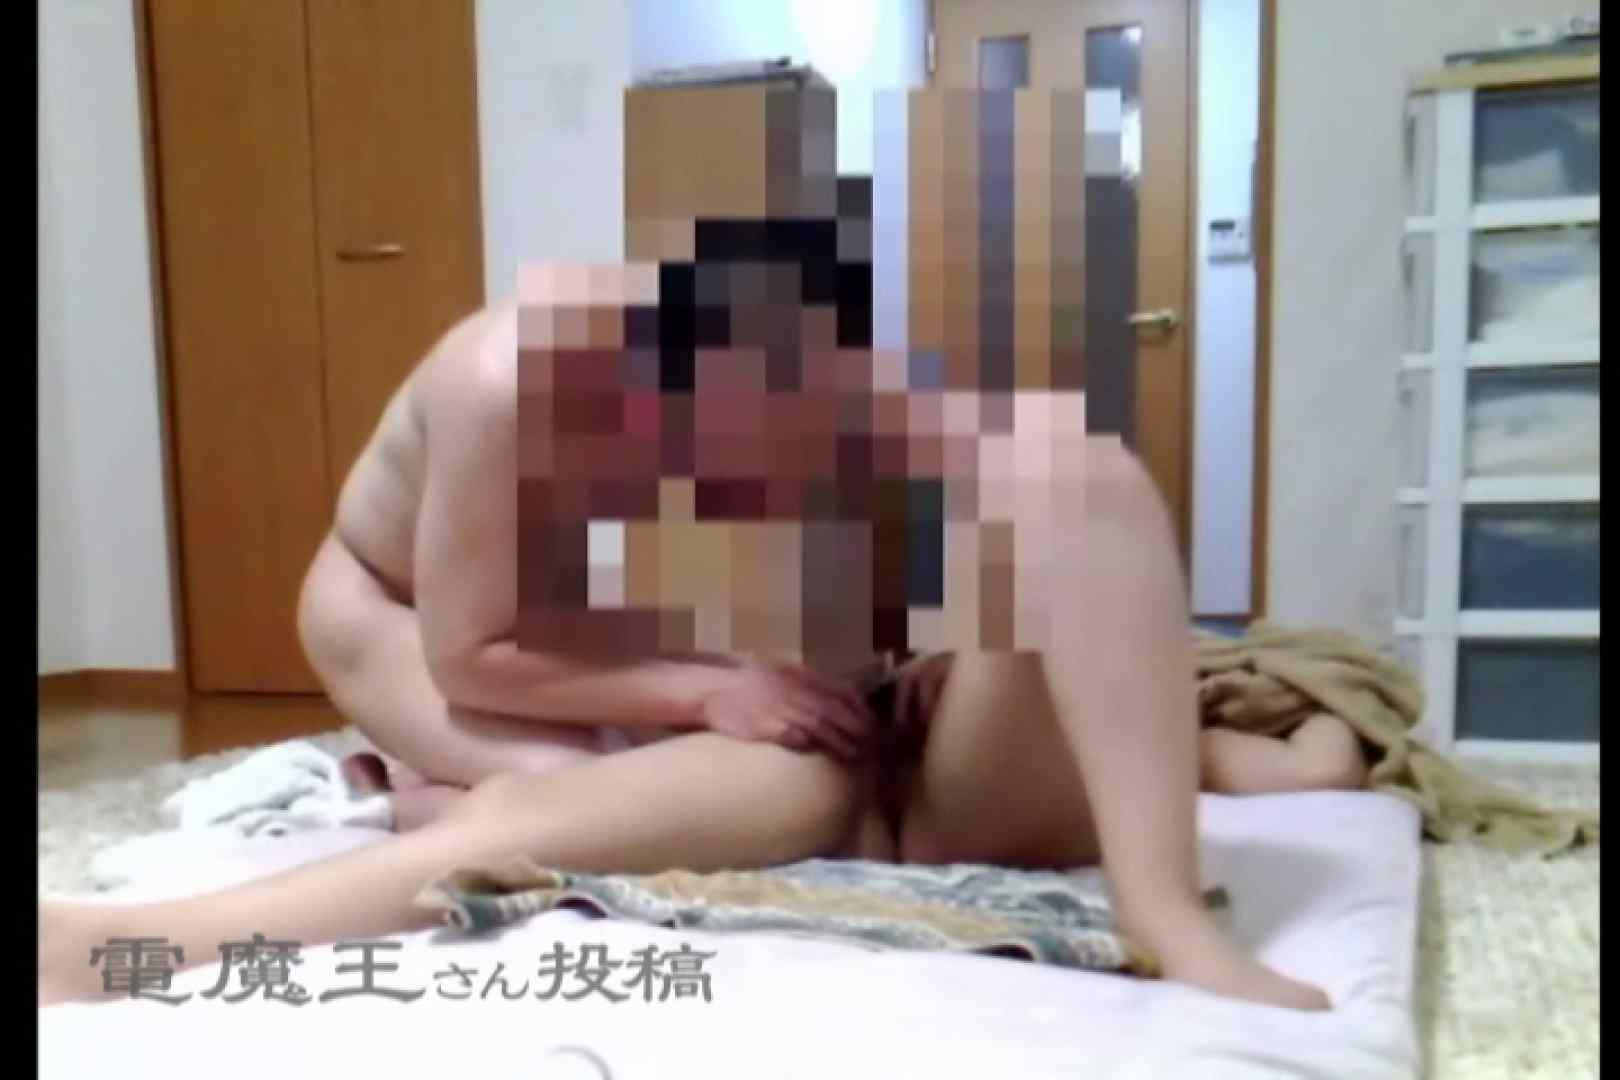 電魔王さんの「隠撮の部屋」リンカ 隠撮  56pic 28